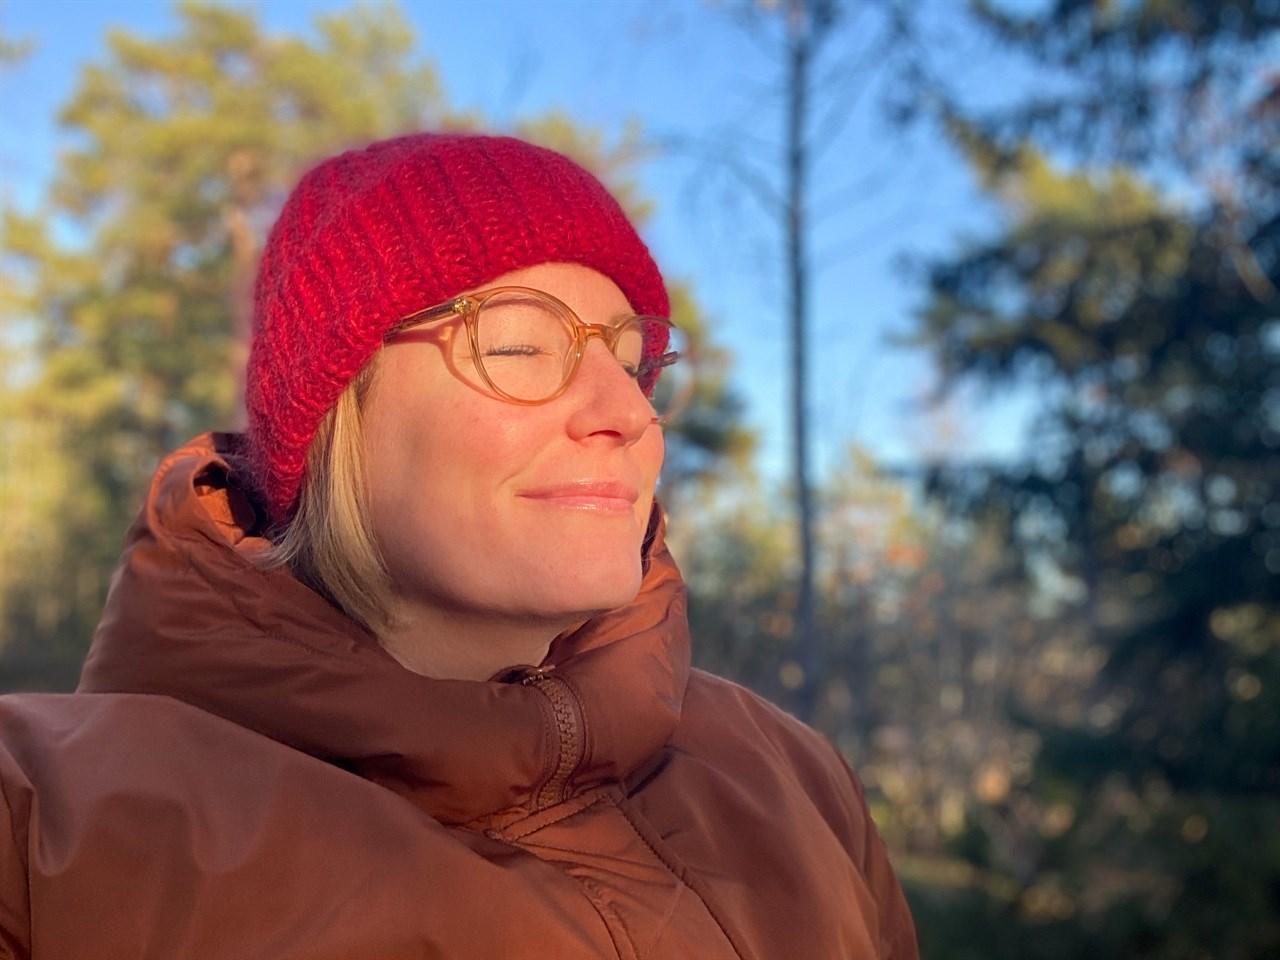 VIKTIG DAGSLYS: Det å komme seg ut og kjenne sola i ansiktet i løpet av dagen kan bety mye for trivselen på hjemmekontoret. Foto: Synne Kvam